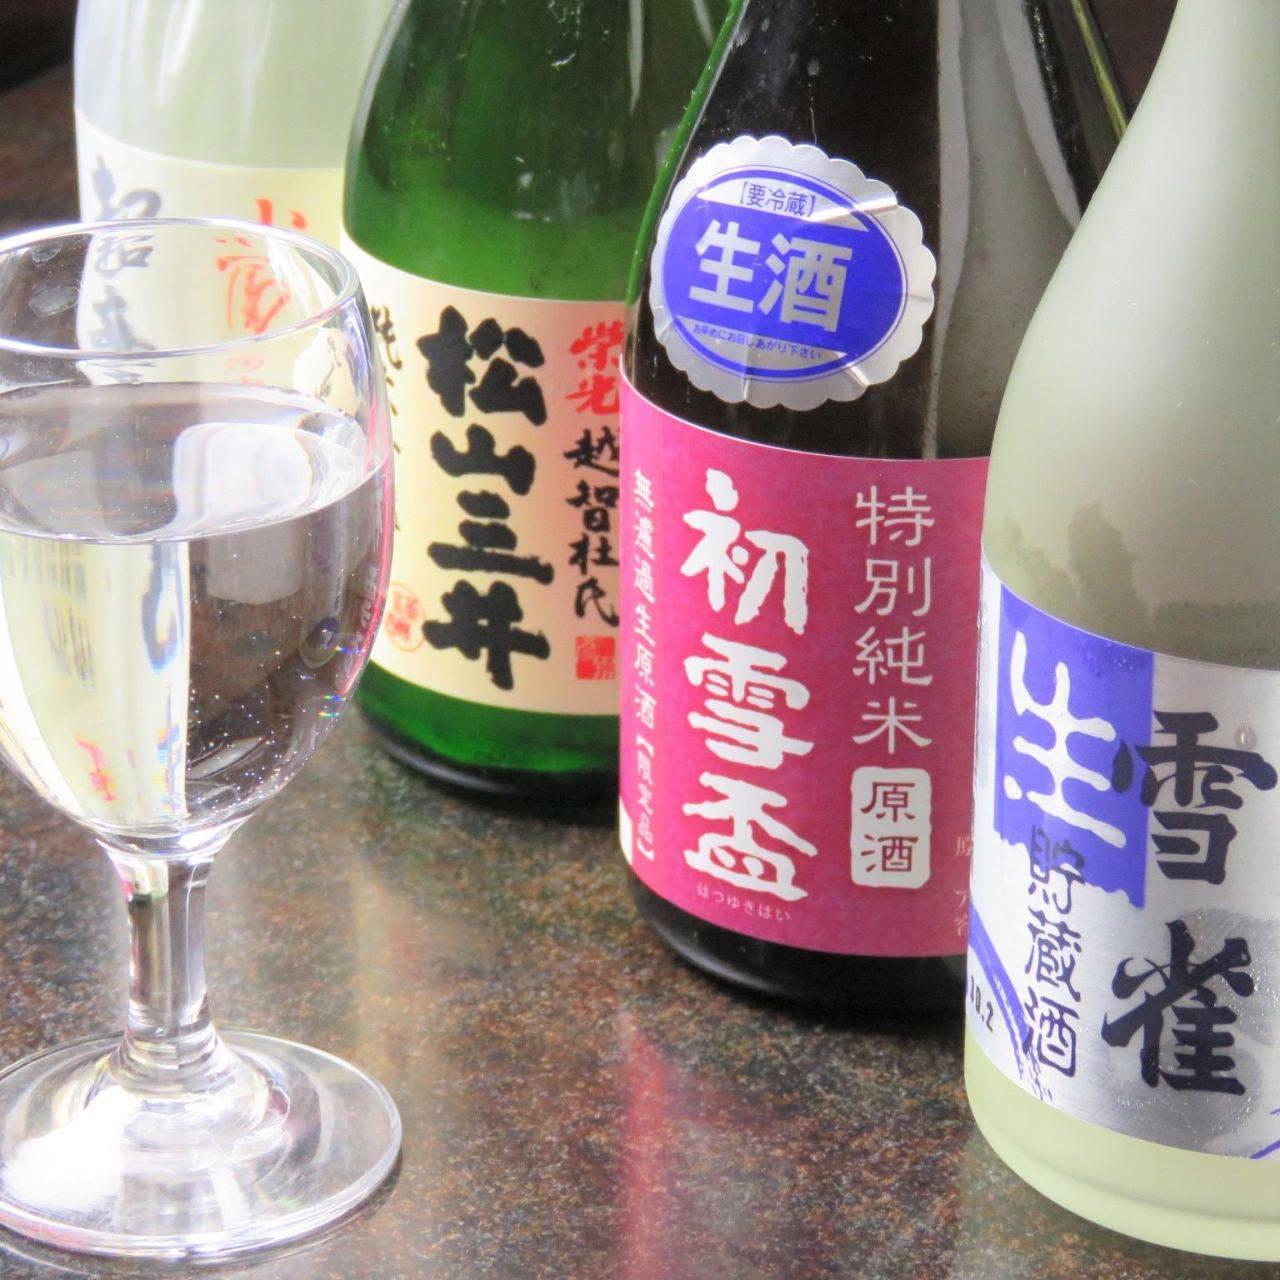 愛媛はもちろん、高知の地酒もございます。鮮魚とともにどうぞ!